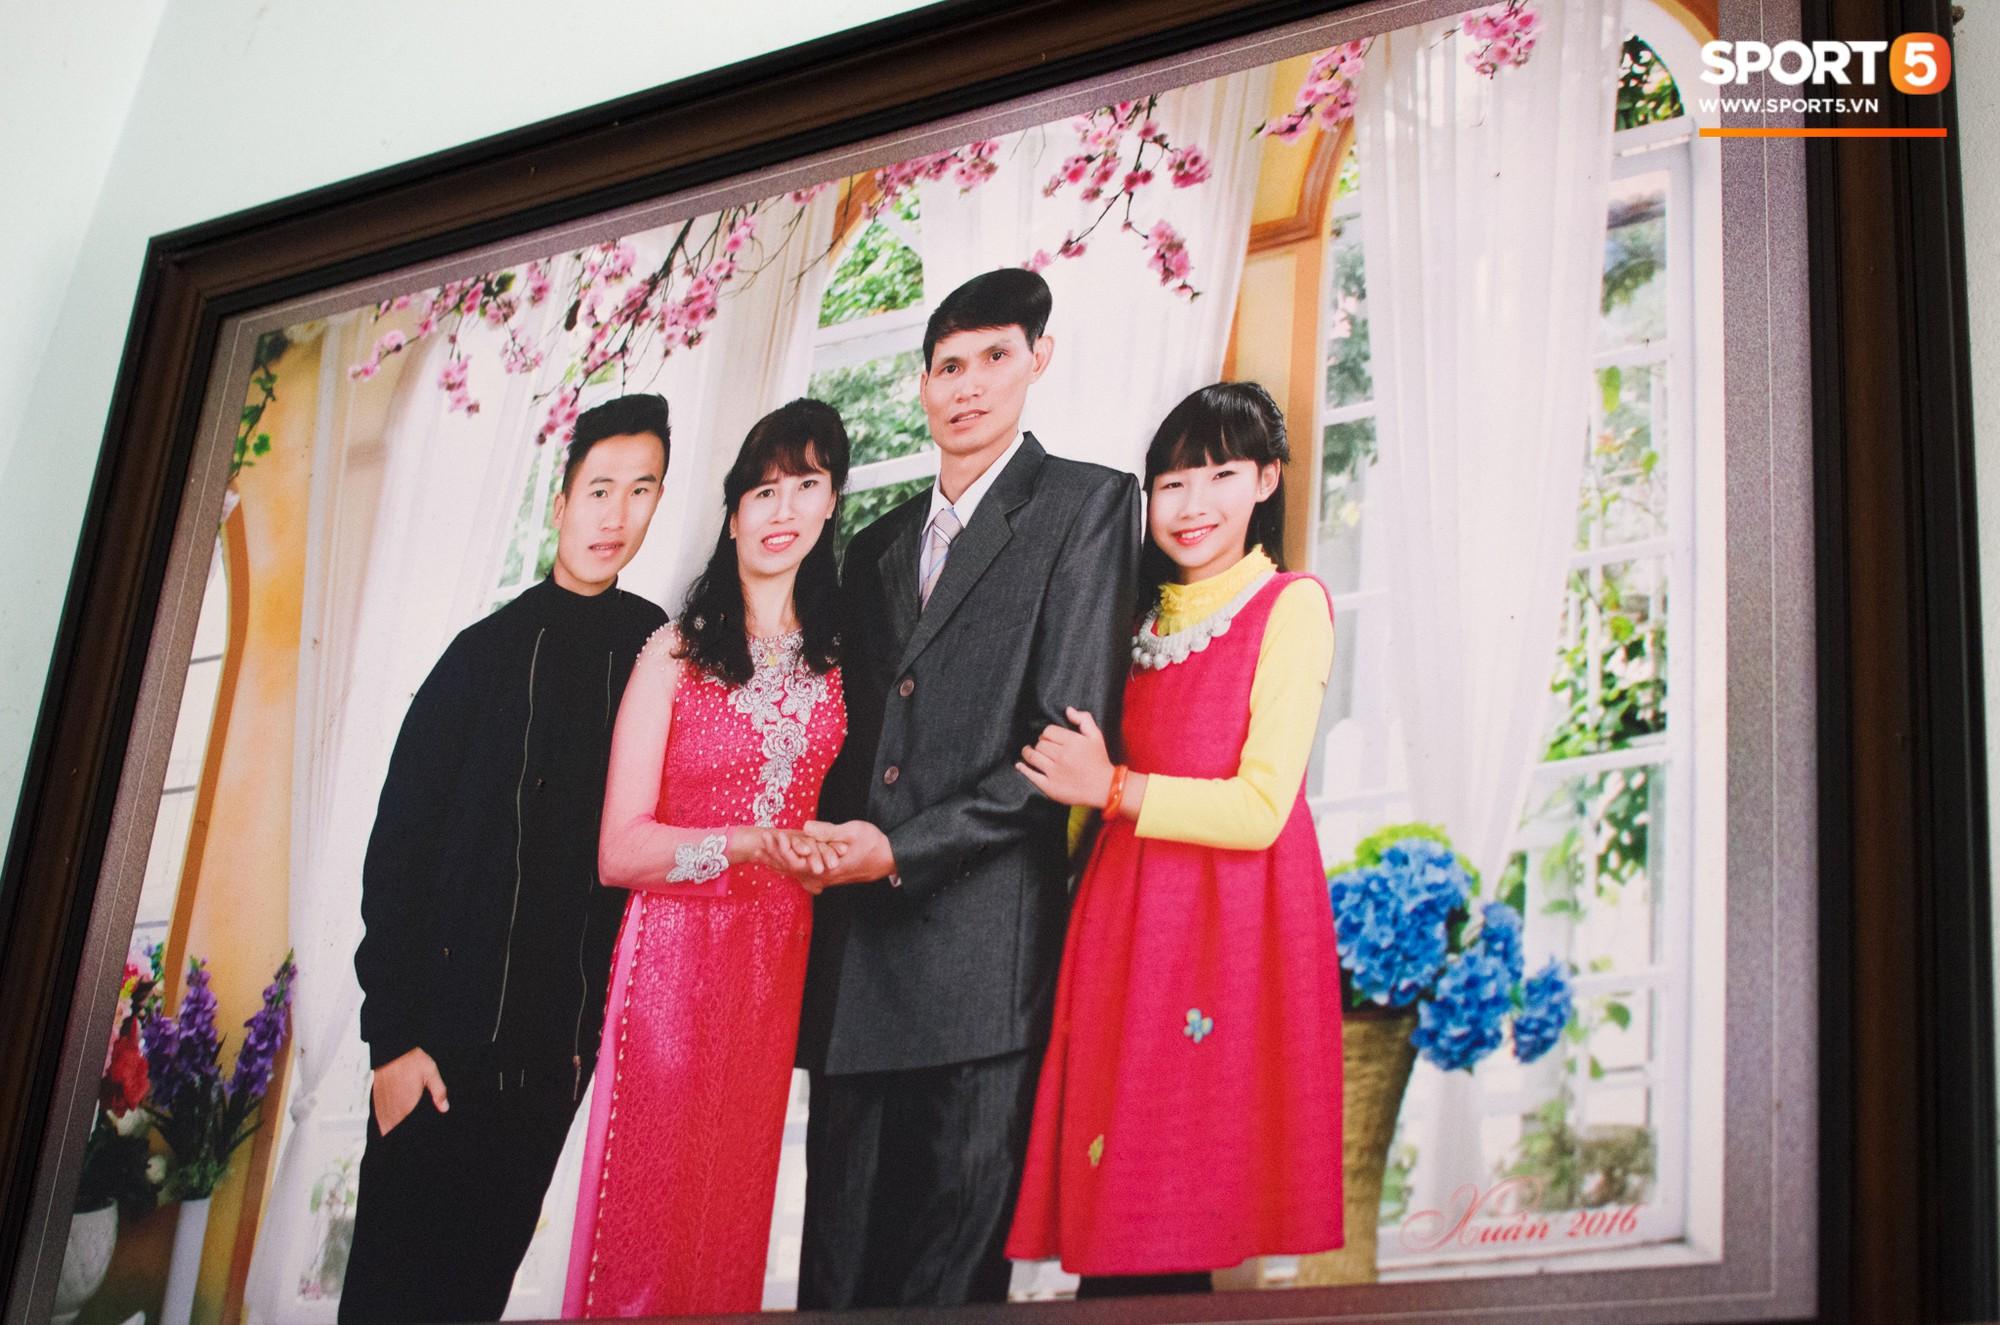 Hành trình từ người thừa trở thành người hùng của tiền vệ U23 Việt Nam qua những kỷ vật vô giá - Ảnh 2.